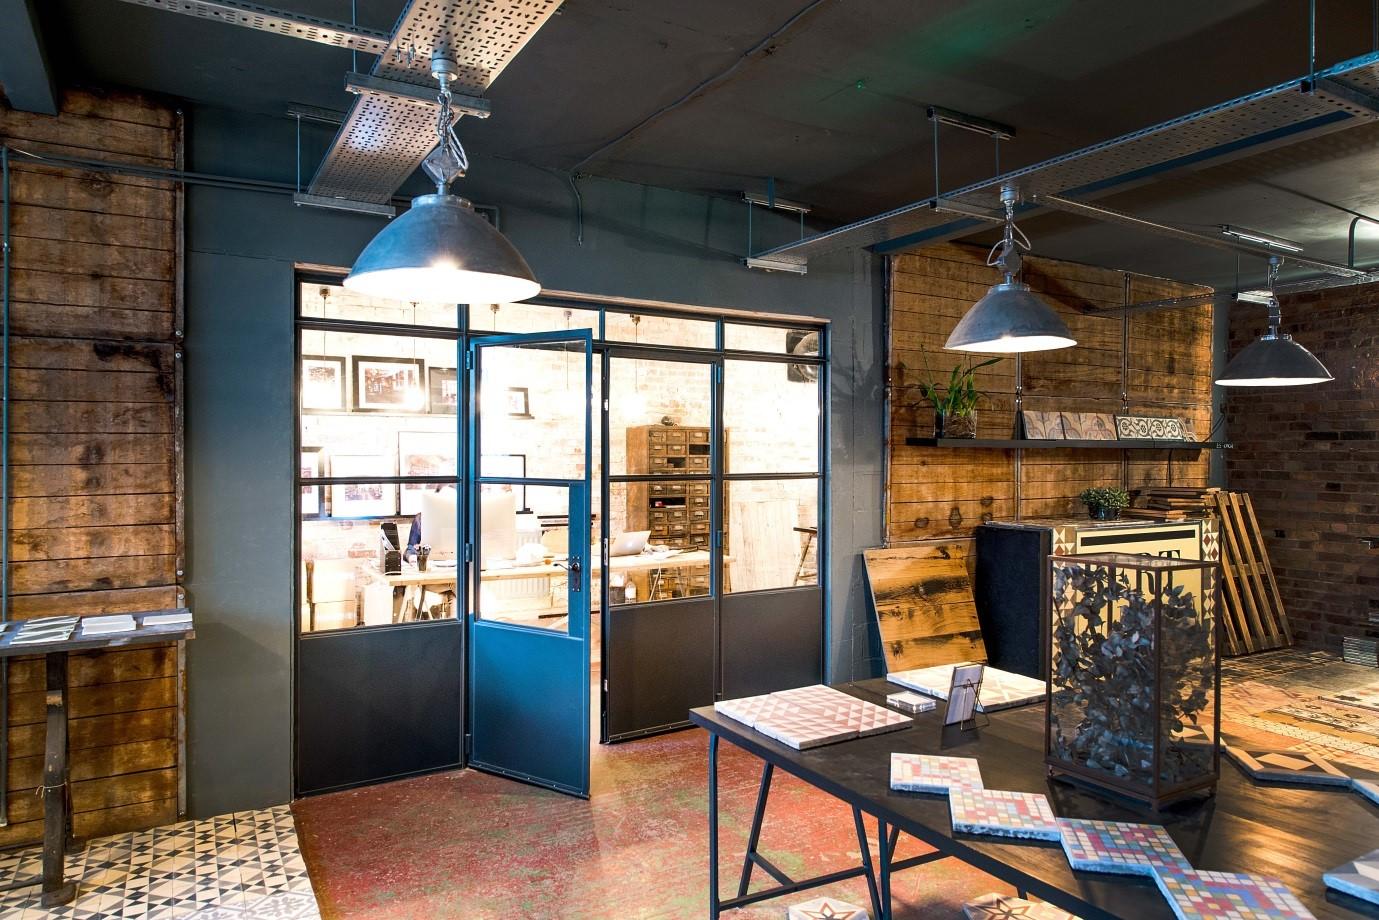 Steel screen and door in a workshop environment